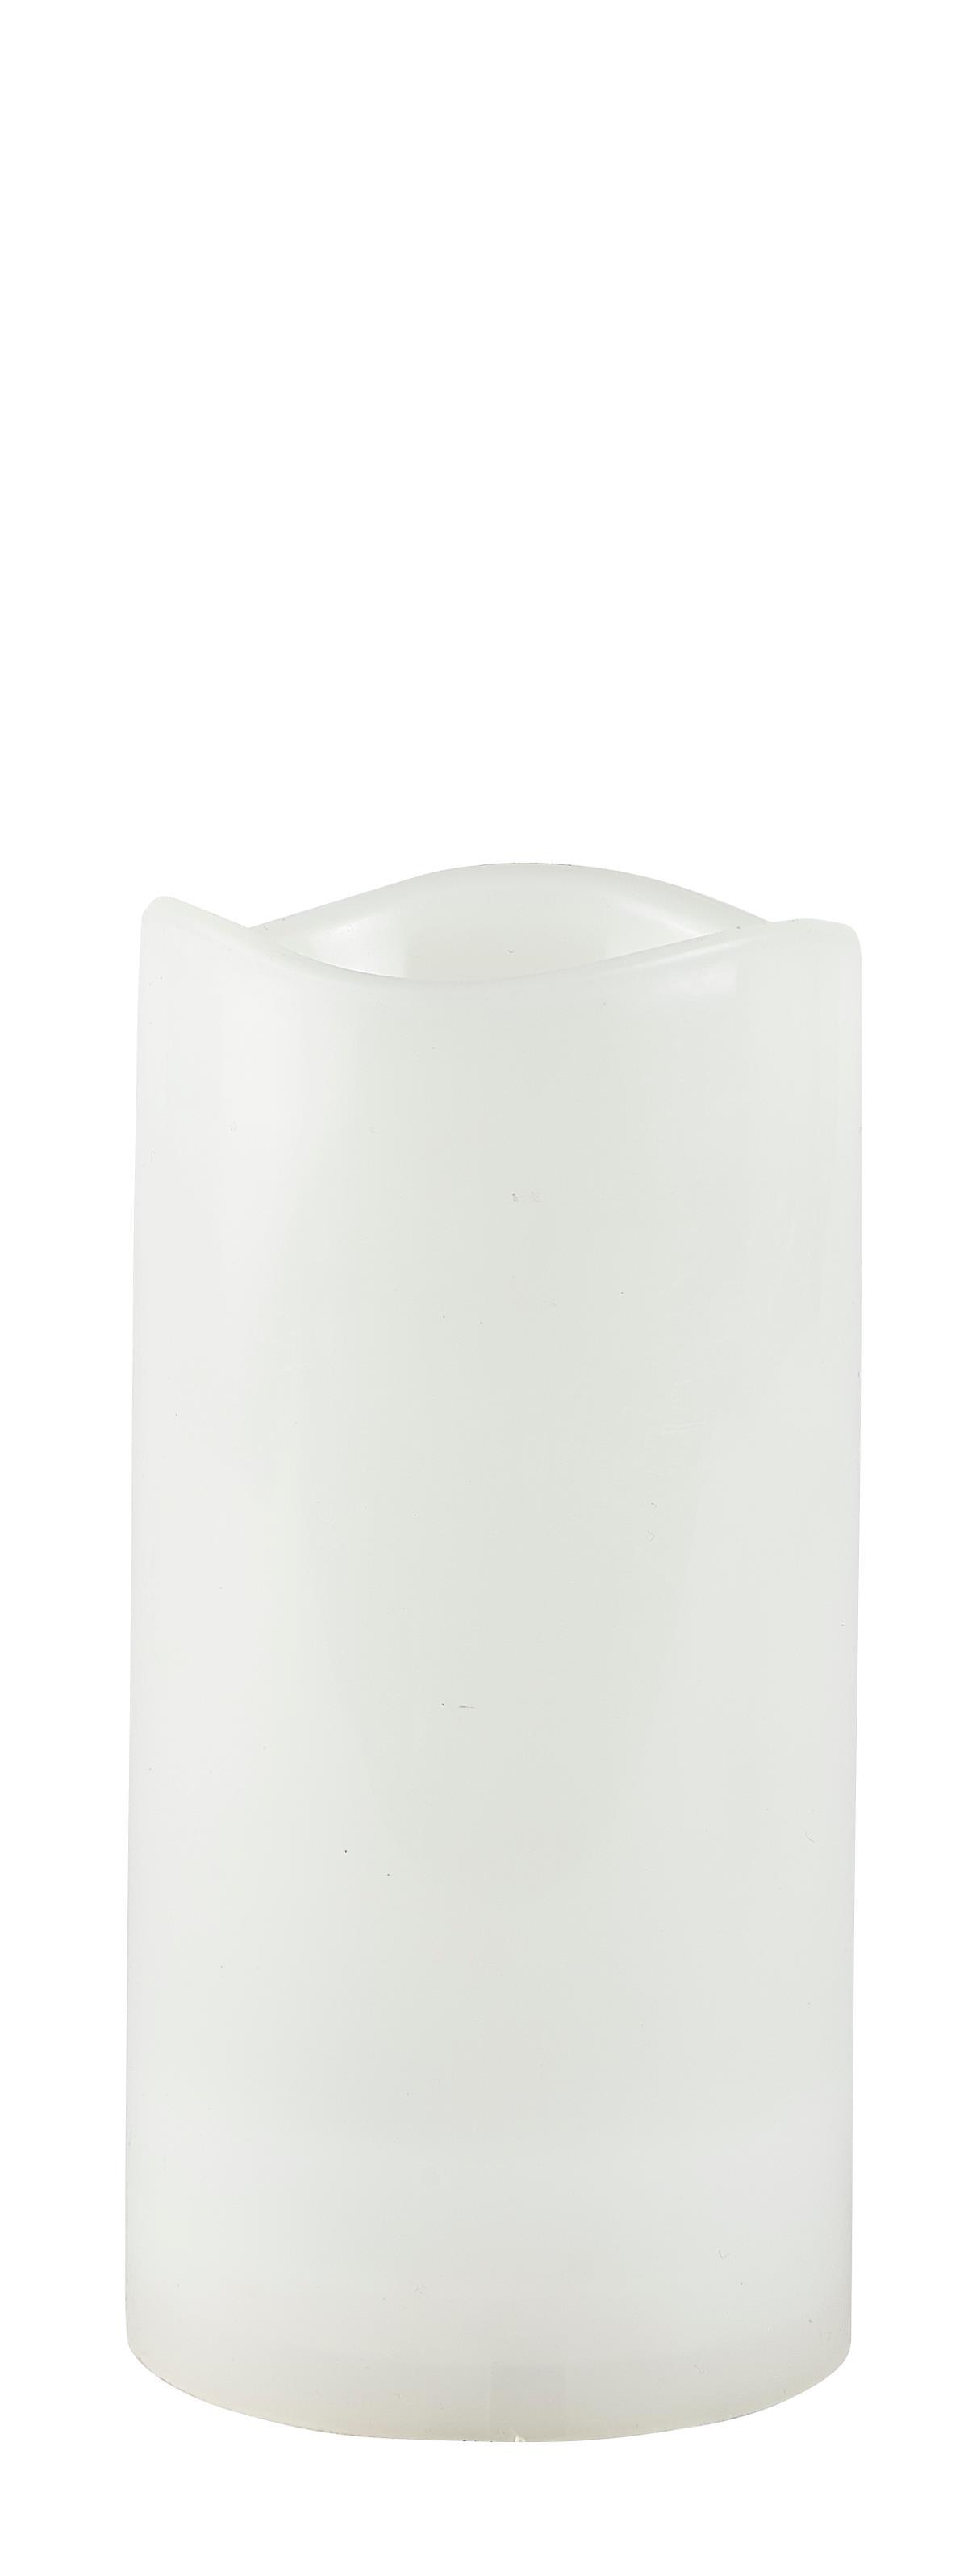 Image of   Villa Collection LED bloklys m. timer PP Hvid, Glat D 10 cm H 20 cm